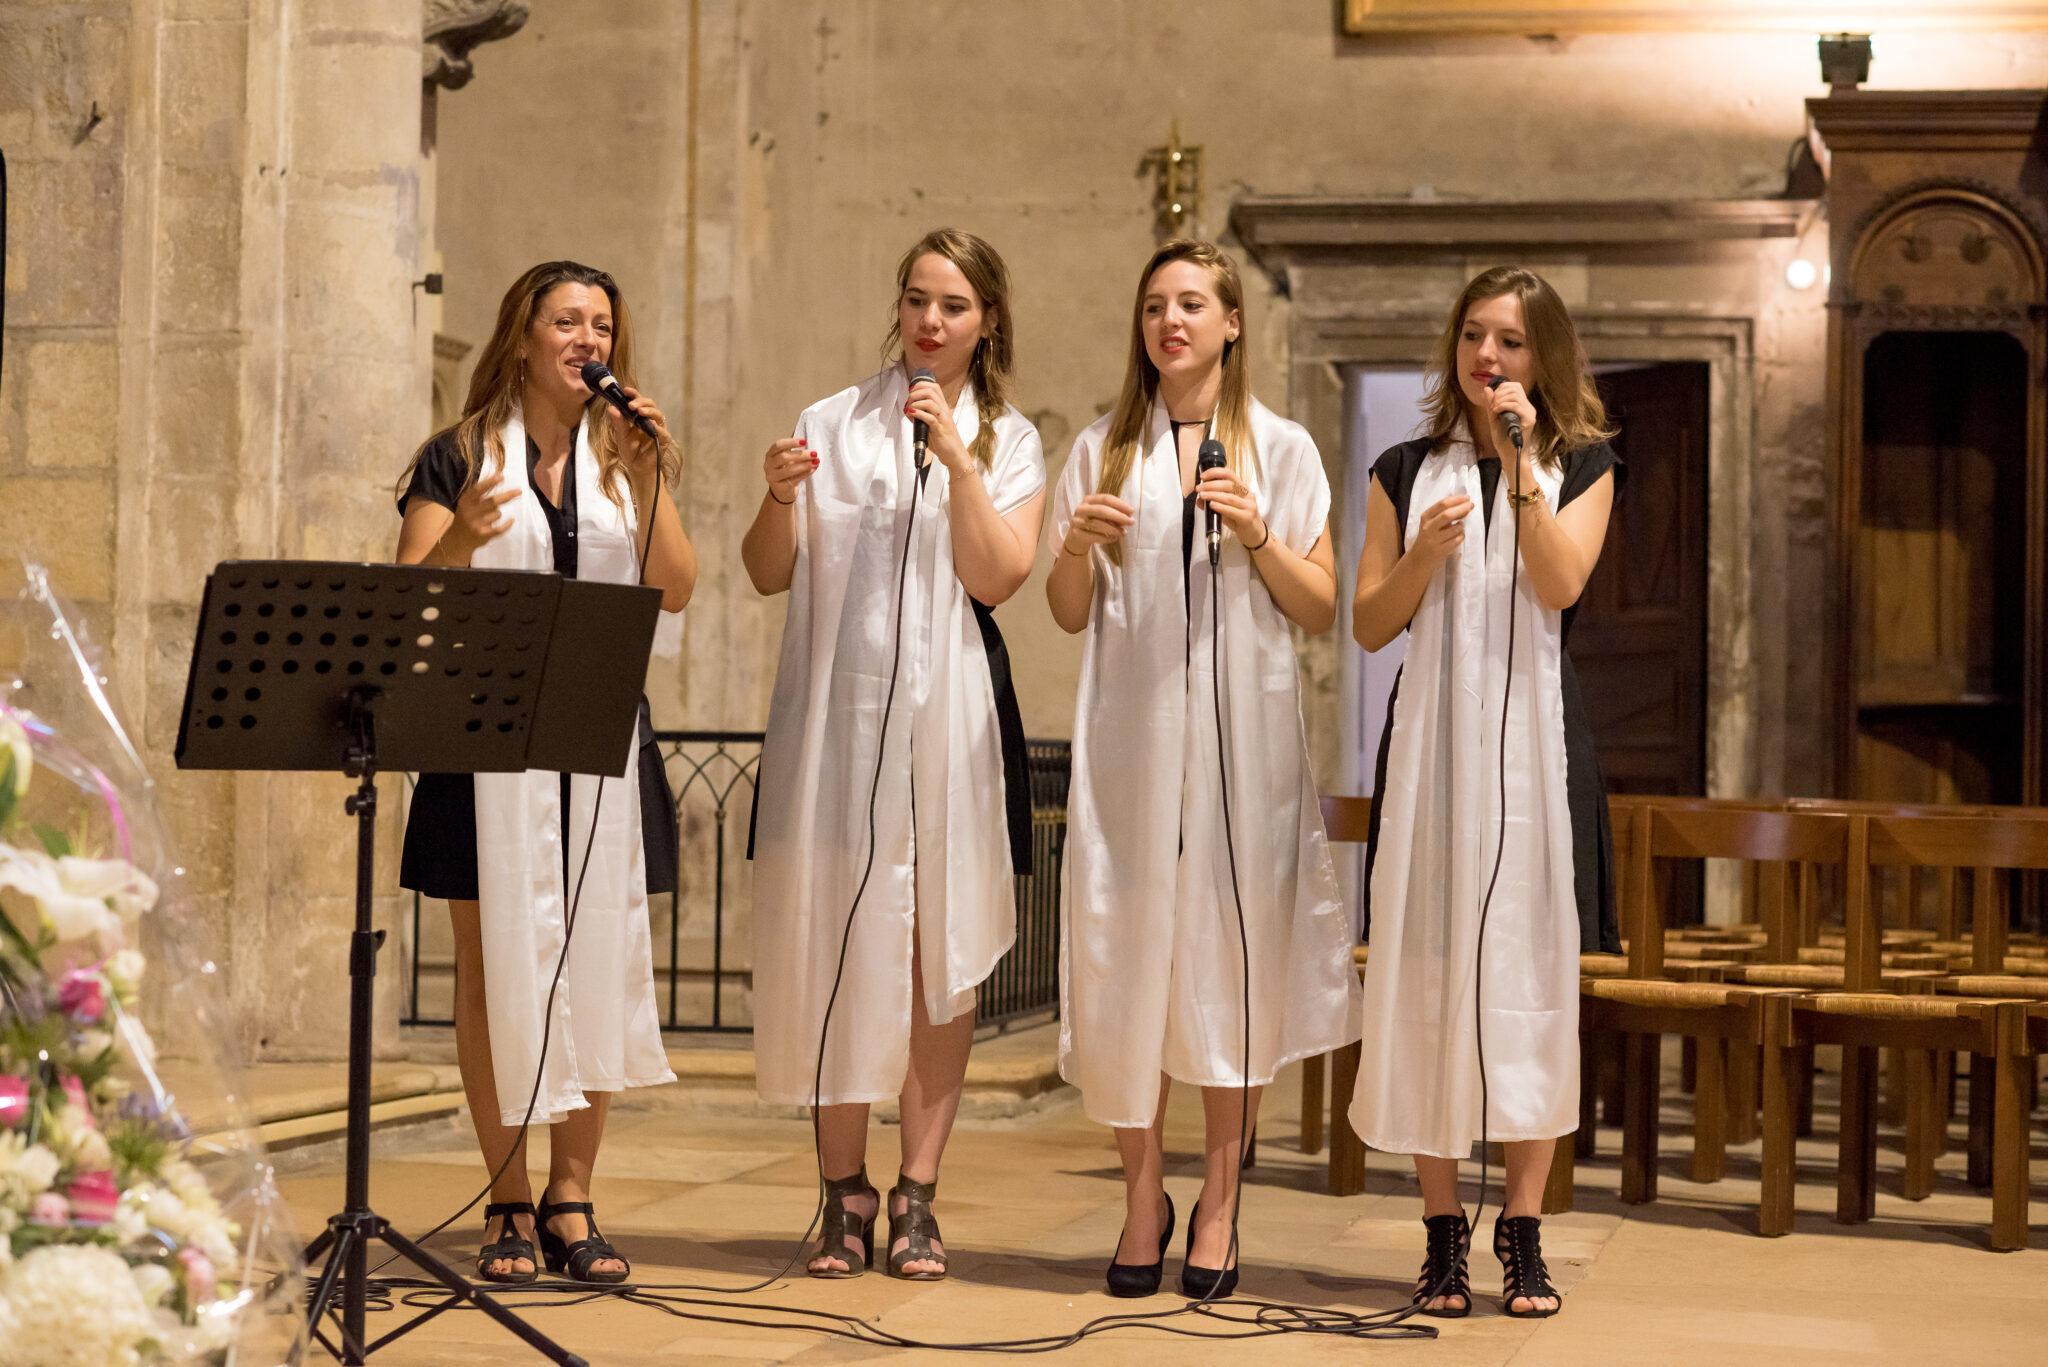 Chanteuses Gospel d'Art Song Production pour une cérémonie à l'église